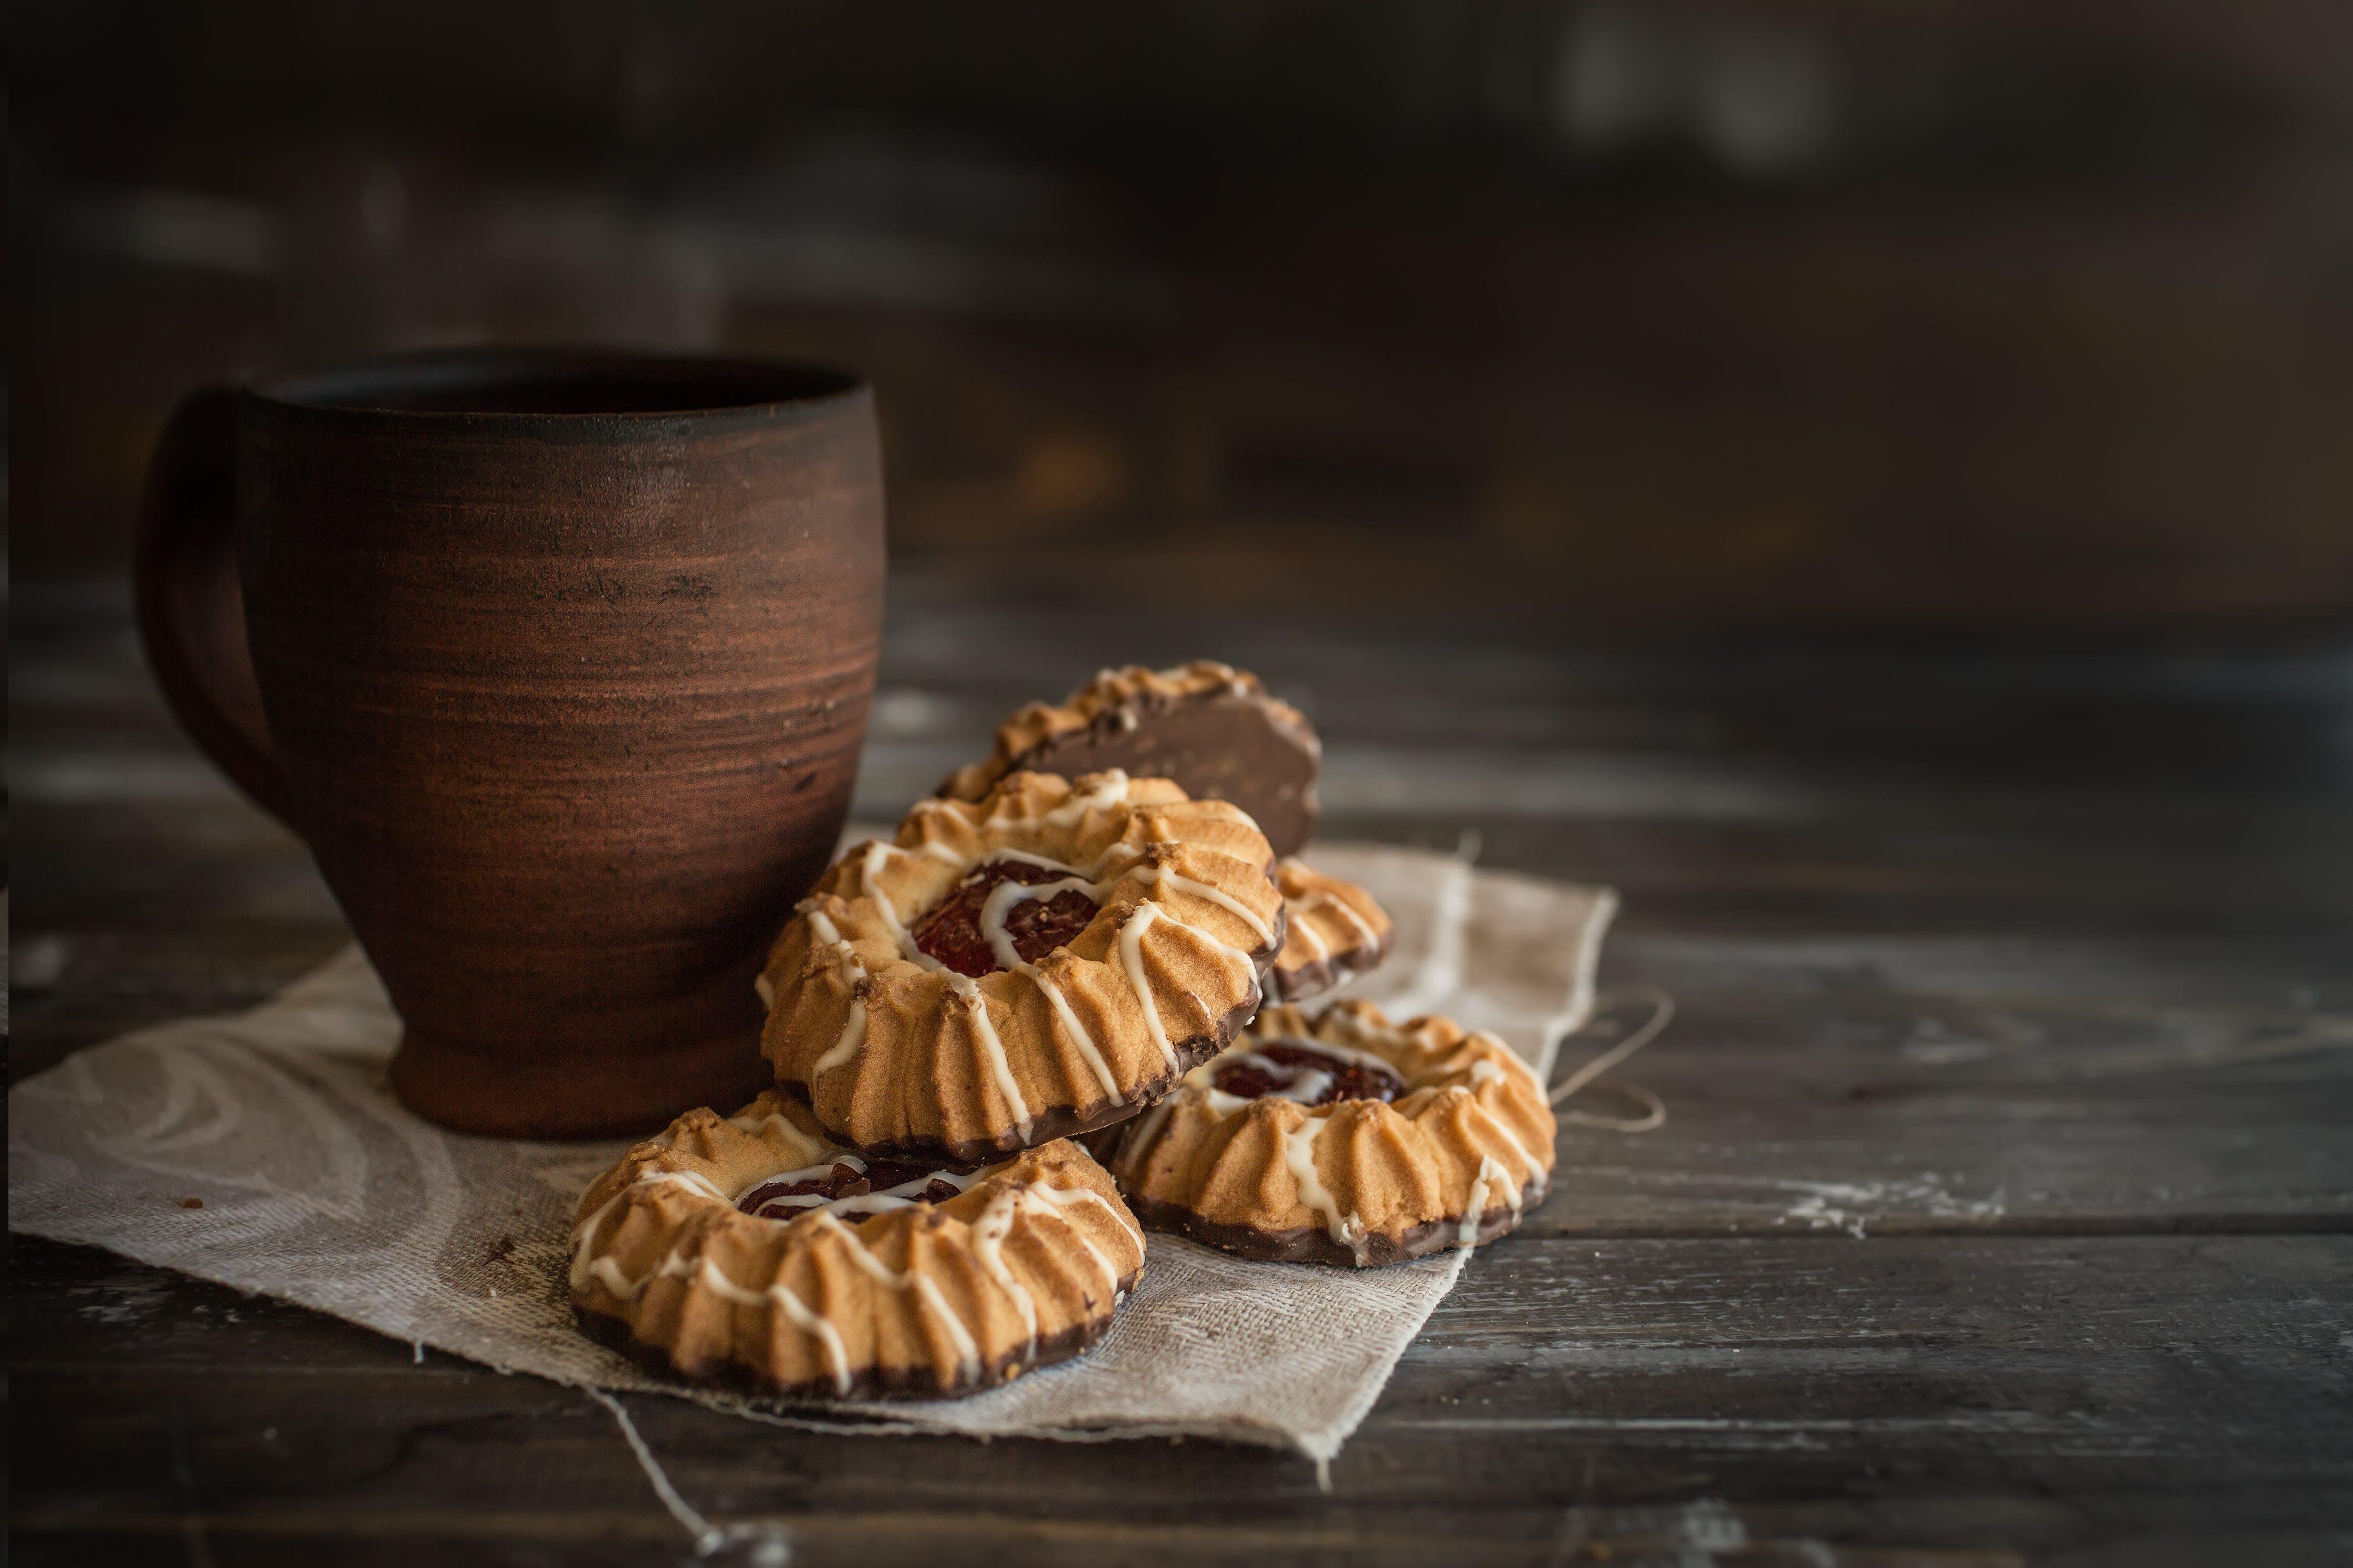 Brown Mug and Cookies